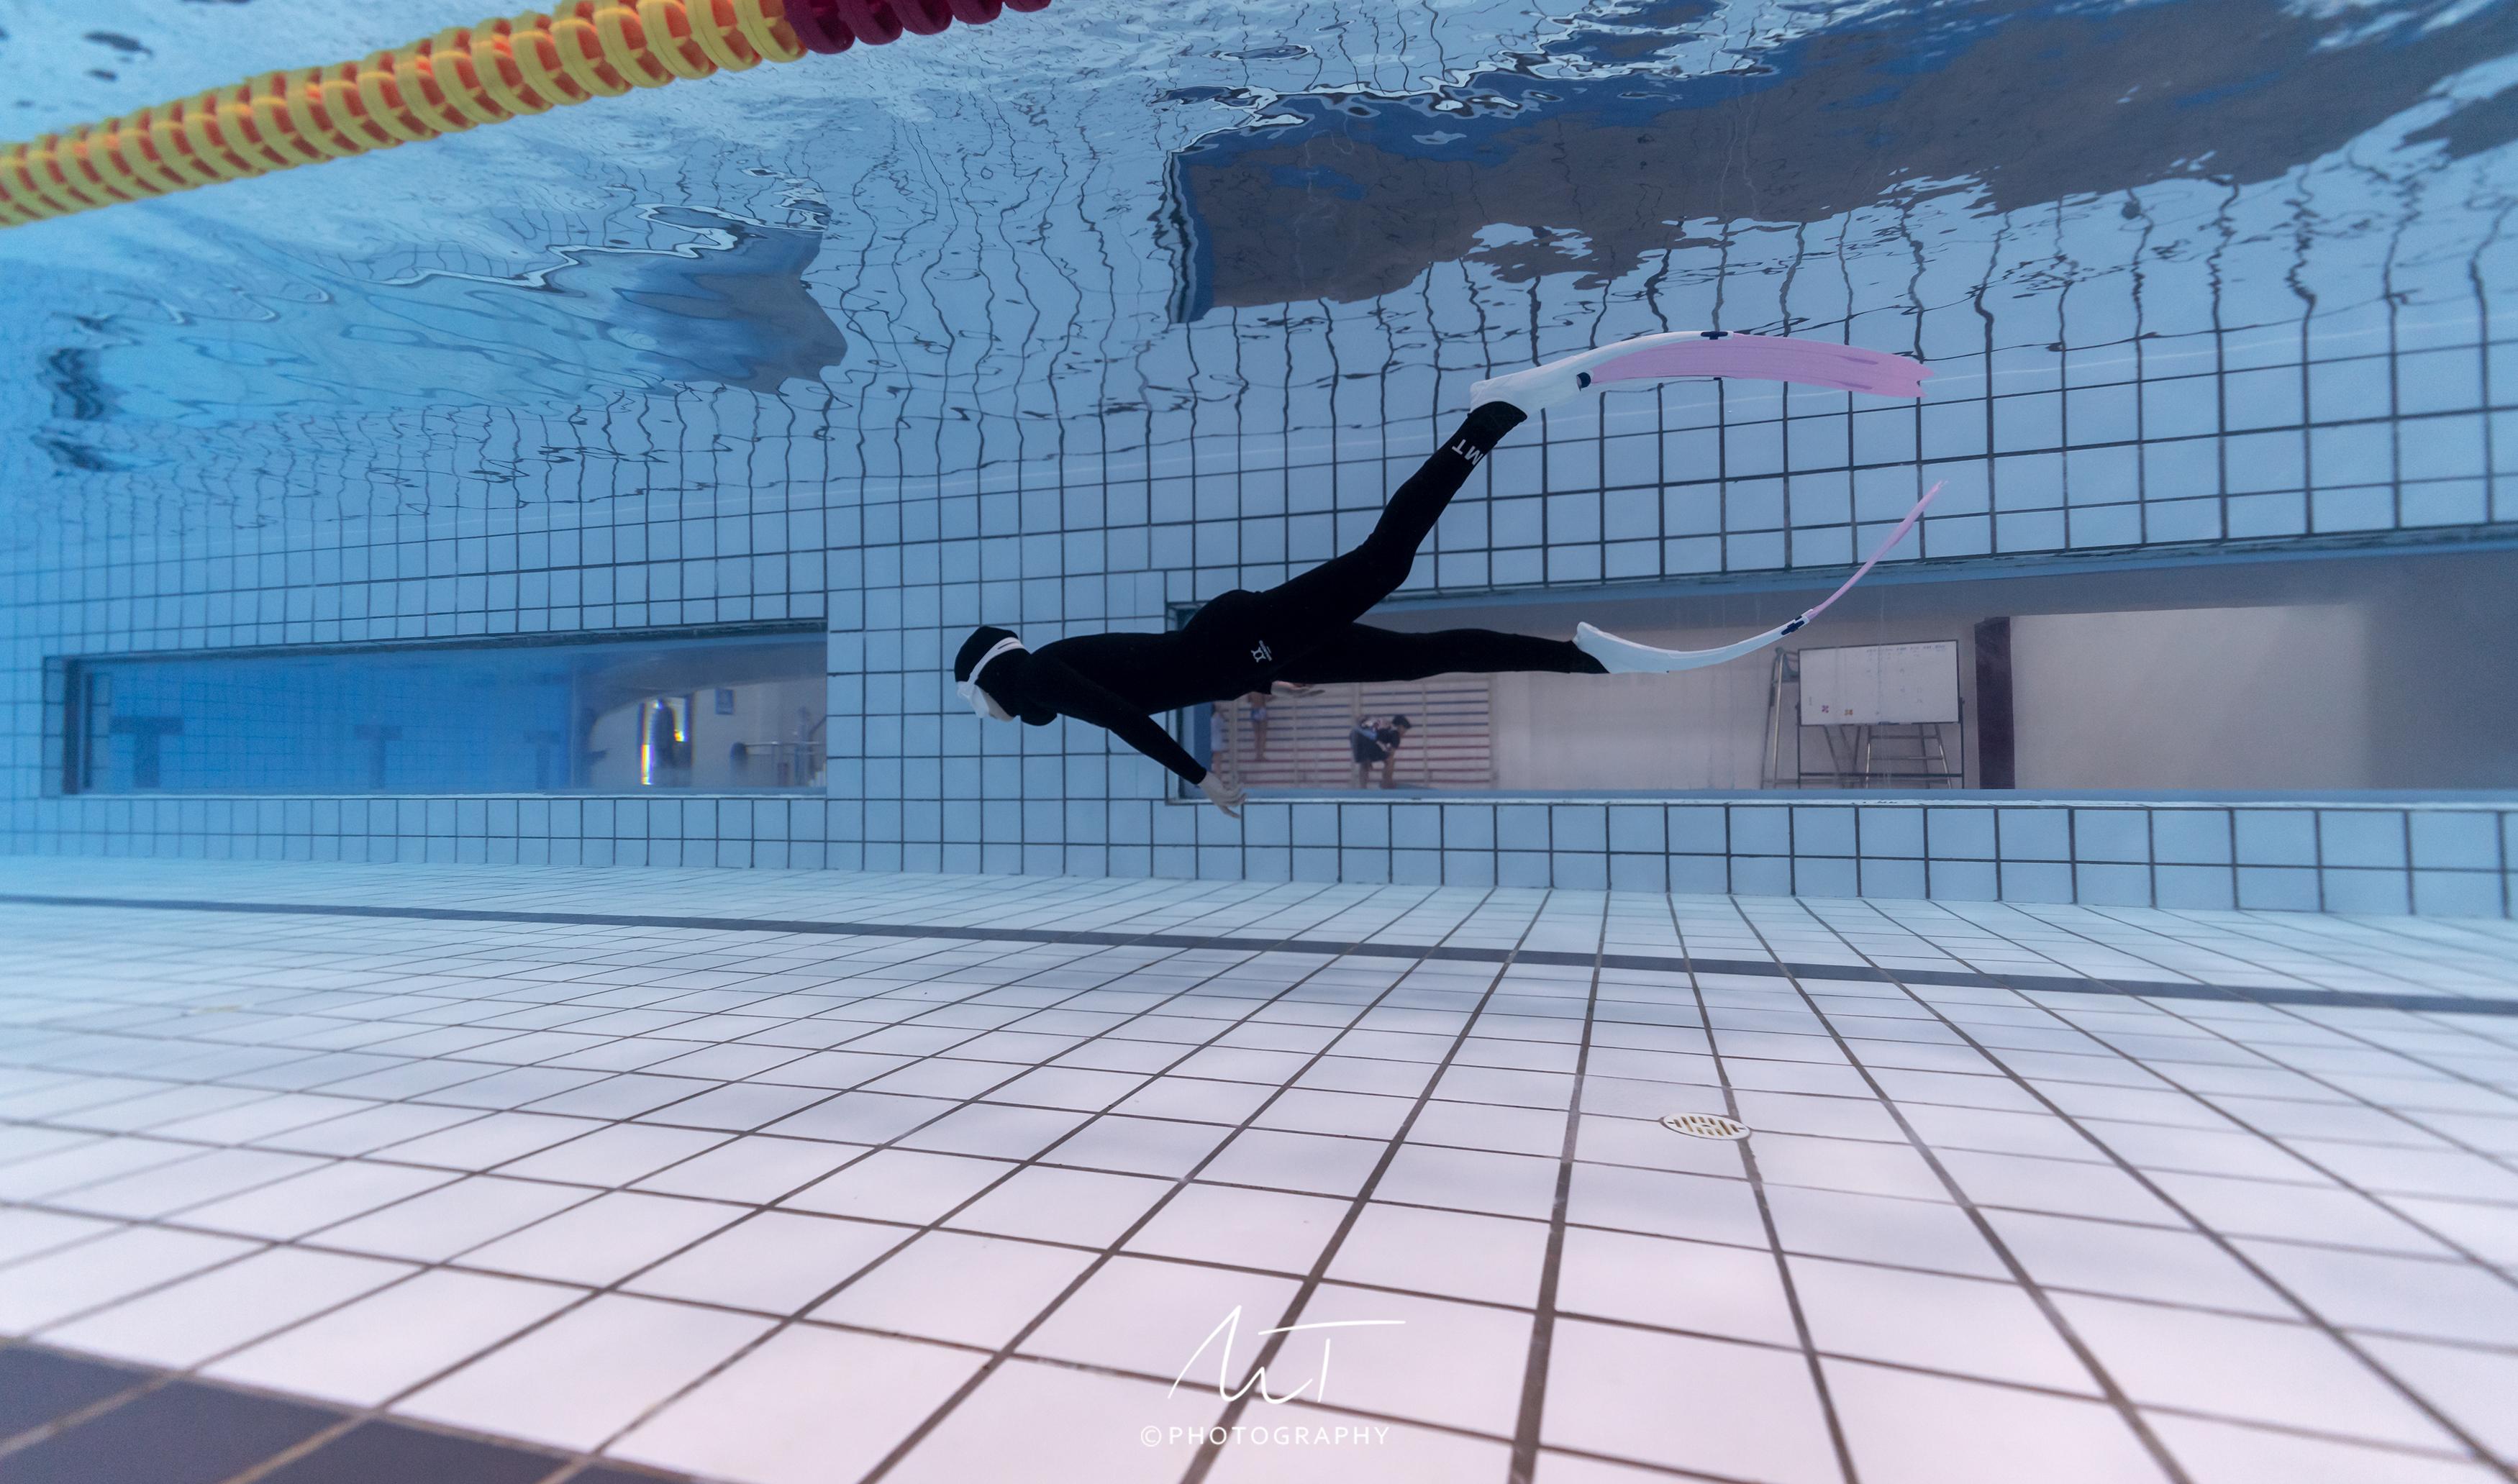 专业泳池训练